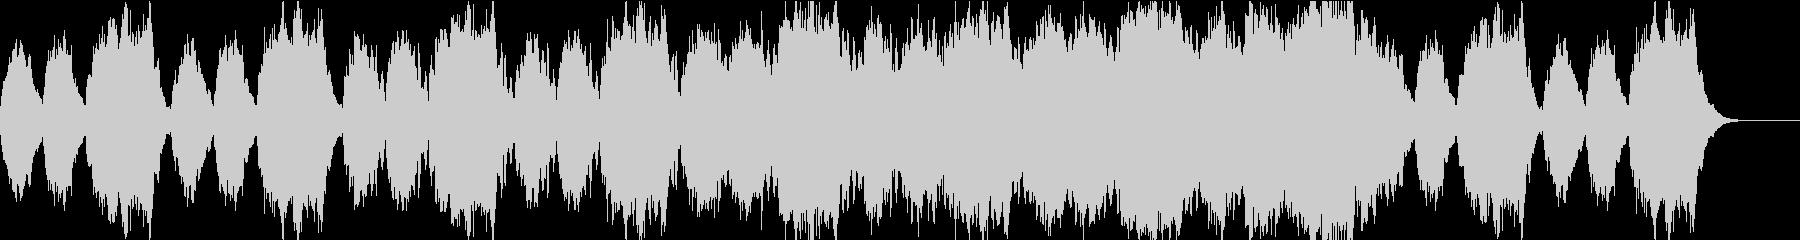 物語の終わりを想起させるBGMの未再生の波形